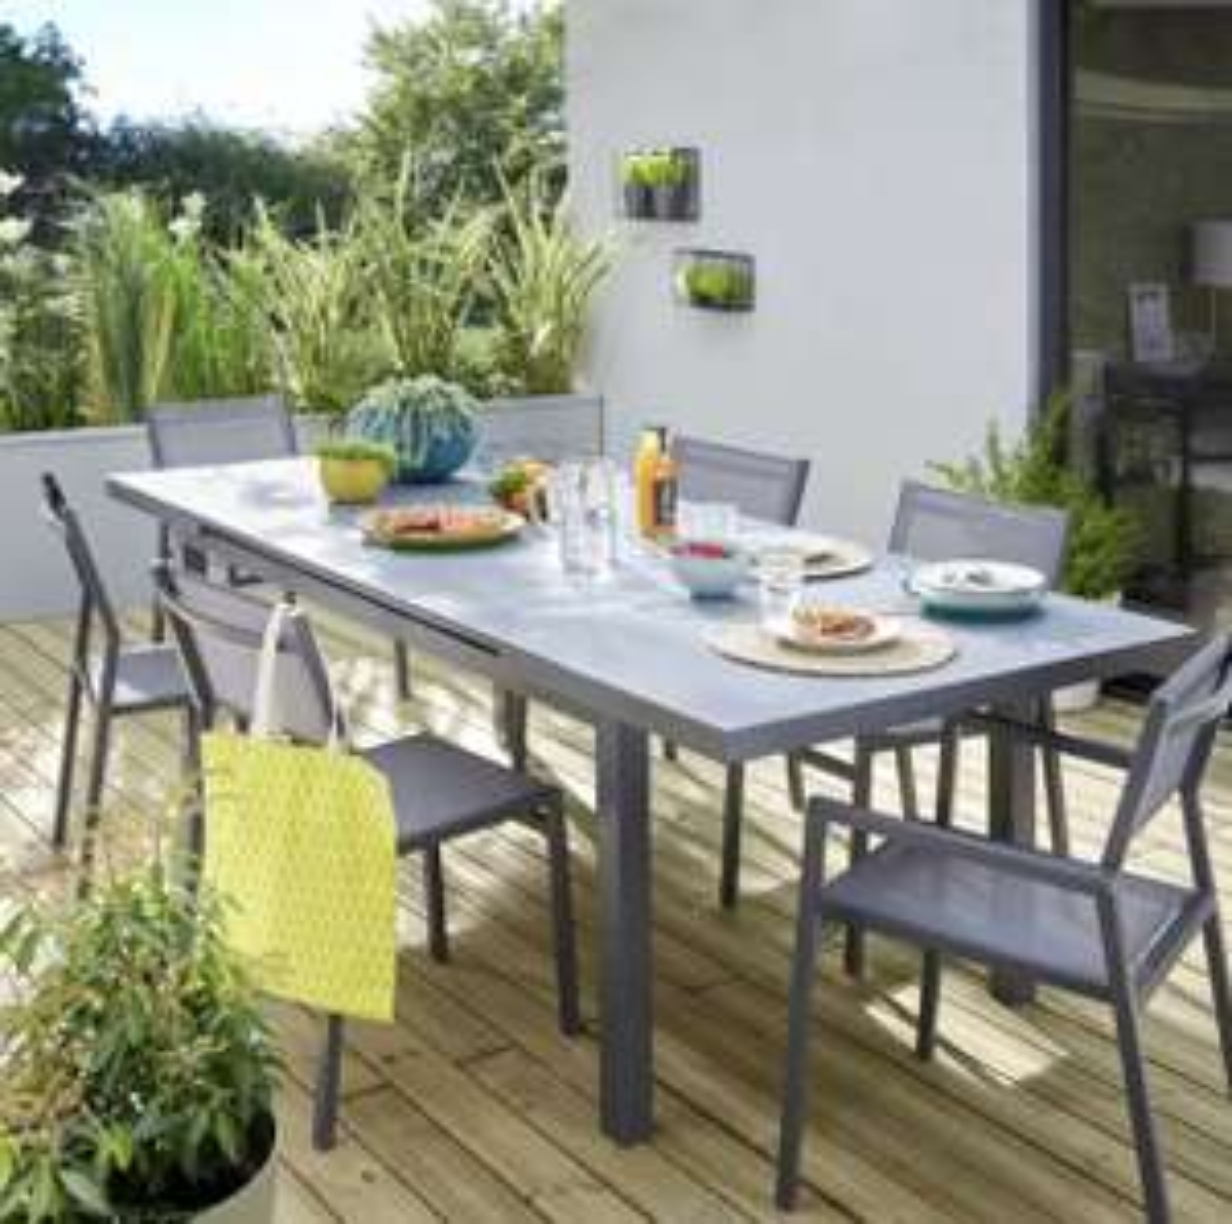 Table de jardin de repas Naterial Niagara rectangulaire gris de 6 à 8 personnes - Chancelade (24)